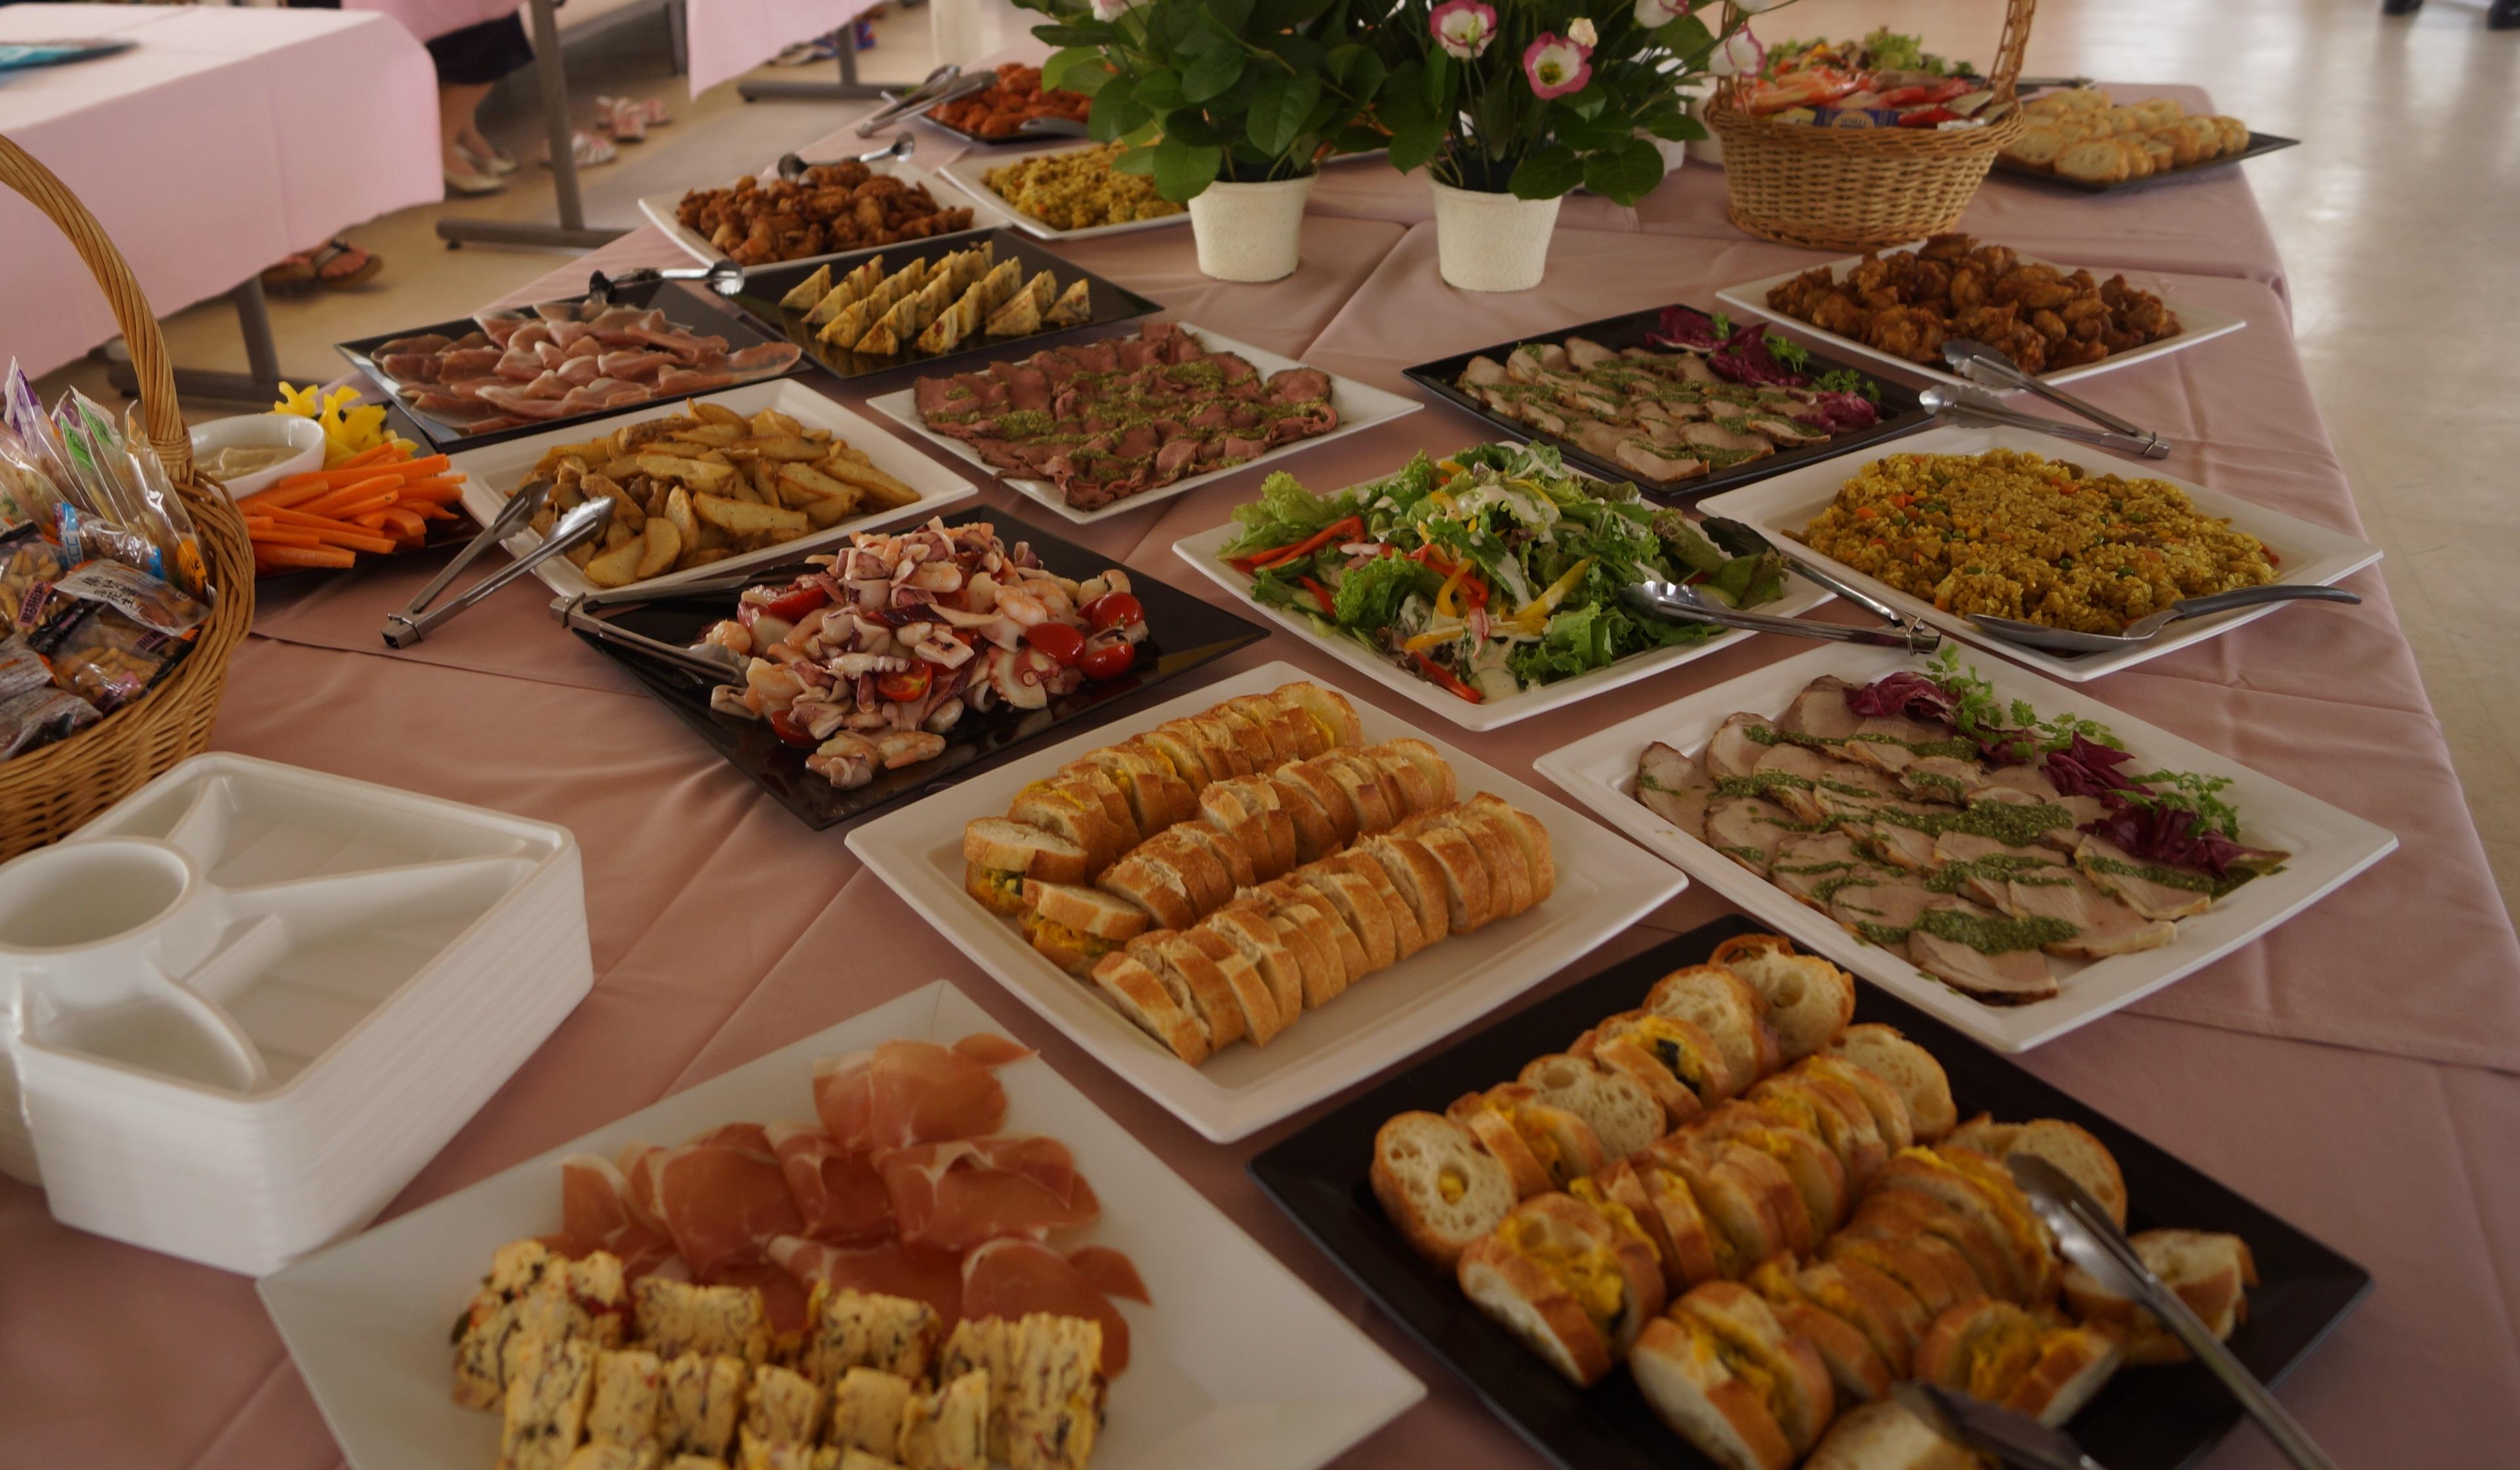 テーブルいっぱいに並ぶビュッフェ